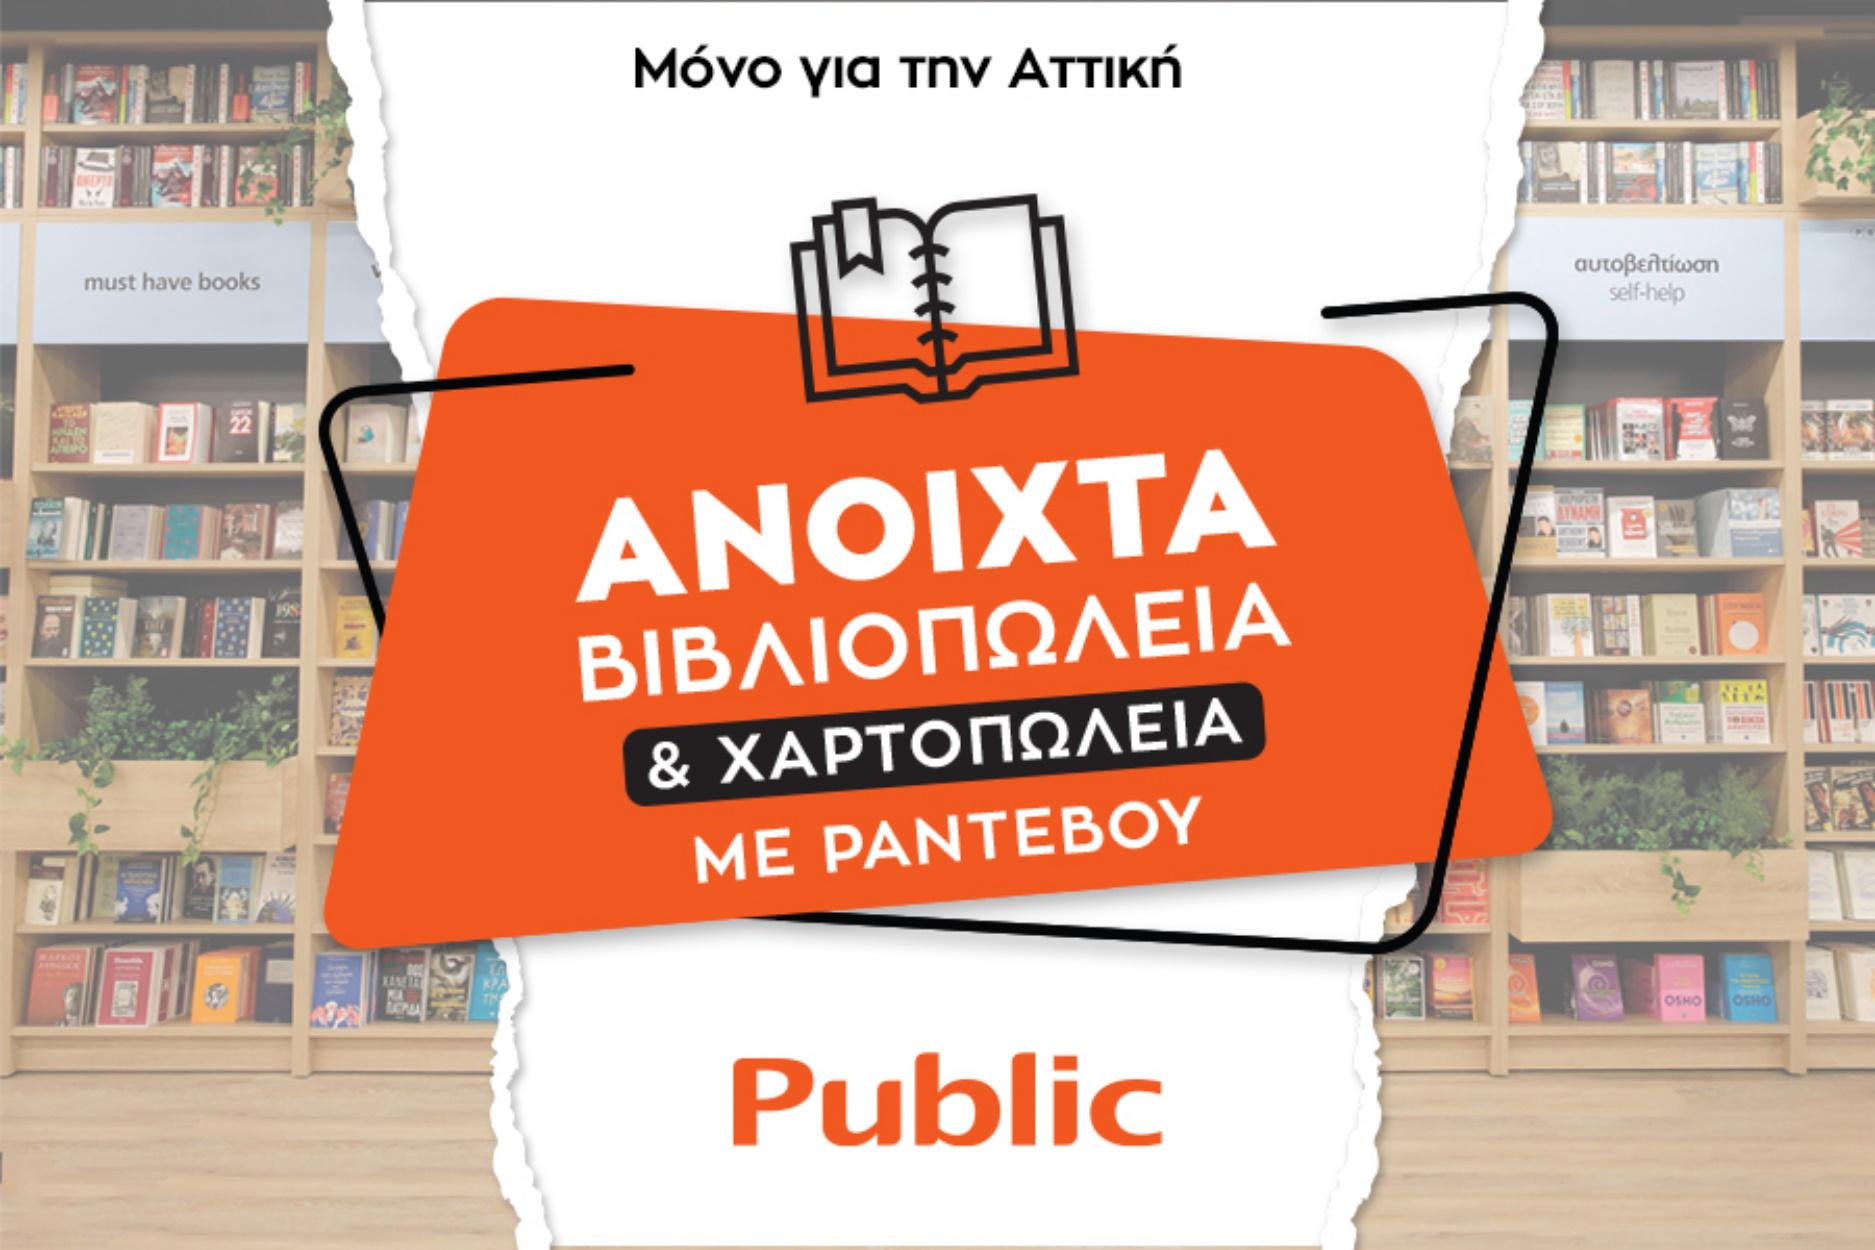 Ανοιχτά με ραντεβού τα καταστήματα και τα βιβλιοπωλεία Public στην Αττική